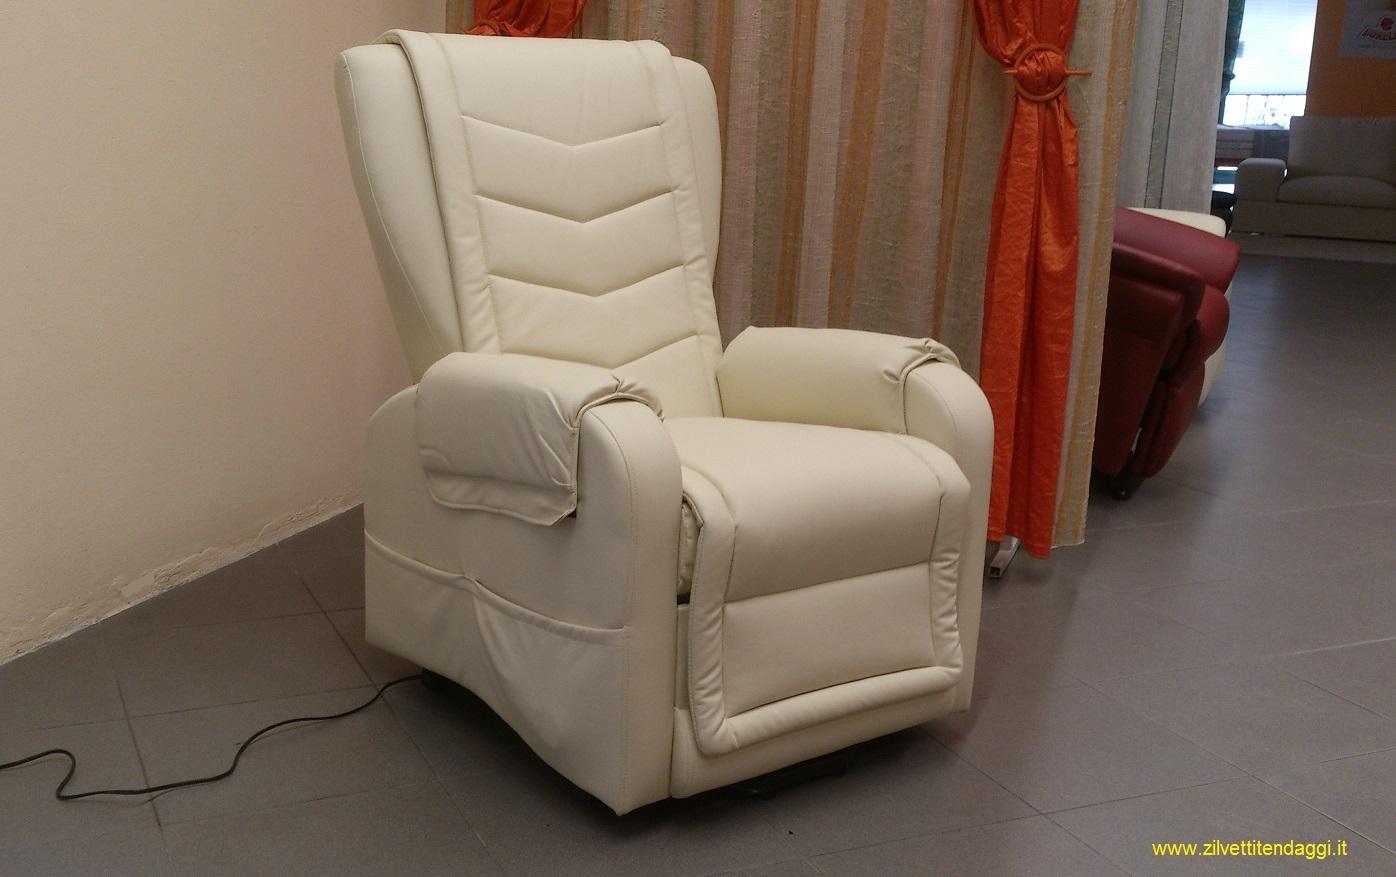 Tende materassi letti poltrone divani zilvetti tendaggi for Divani e divani poltrone relax prezzi